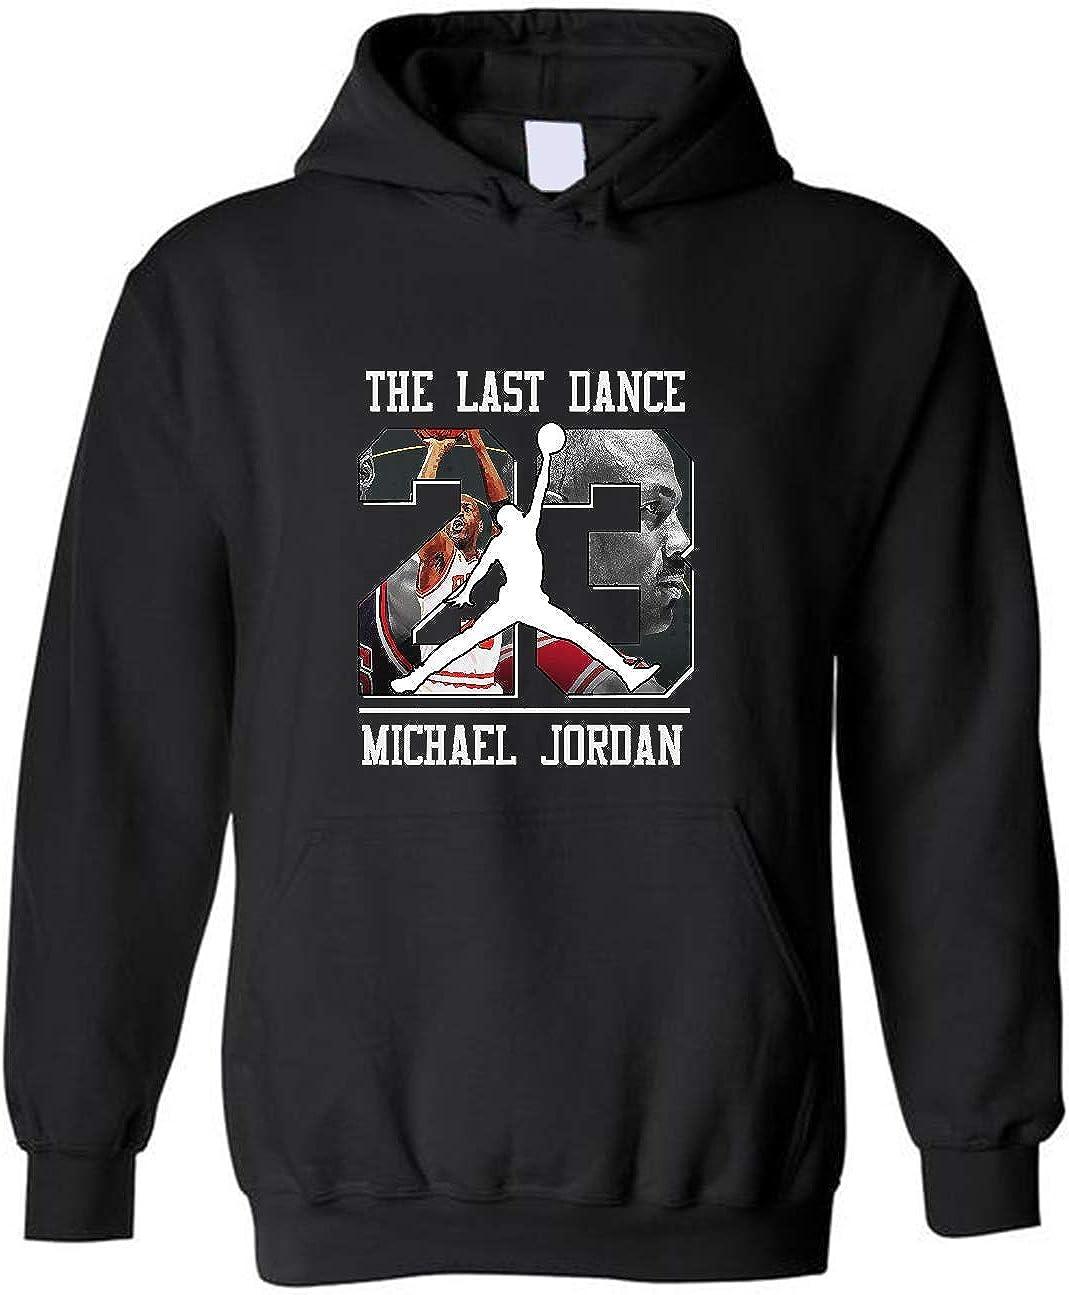 推奨 Michael J-o-r-d-@-n The Last Dance 中古 Sweatshirt Hoodies Gift for